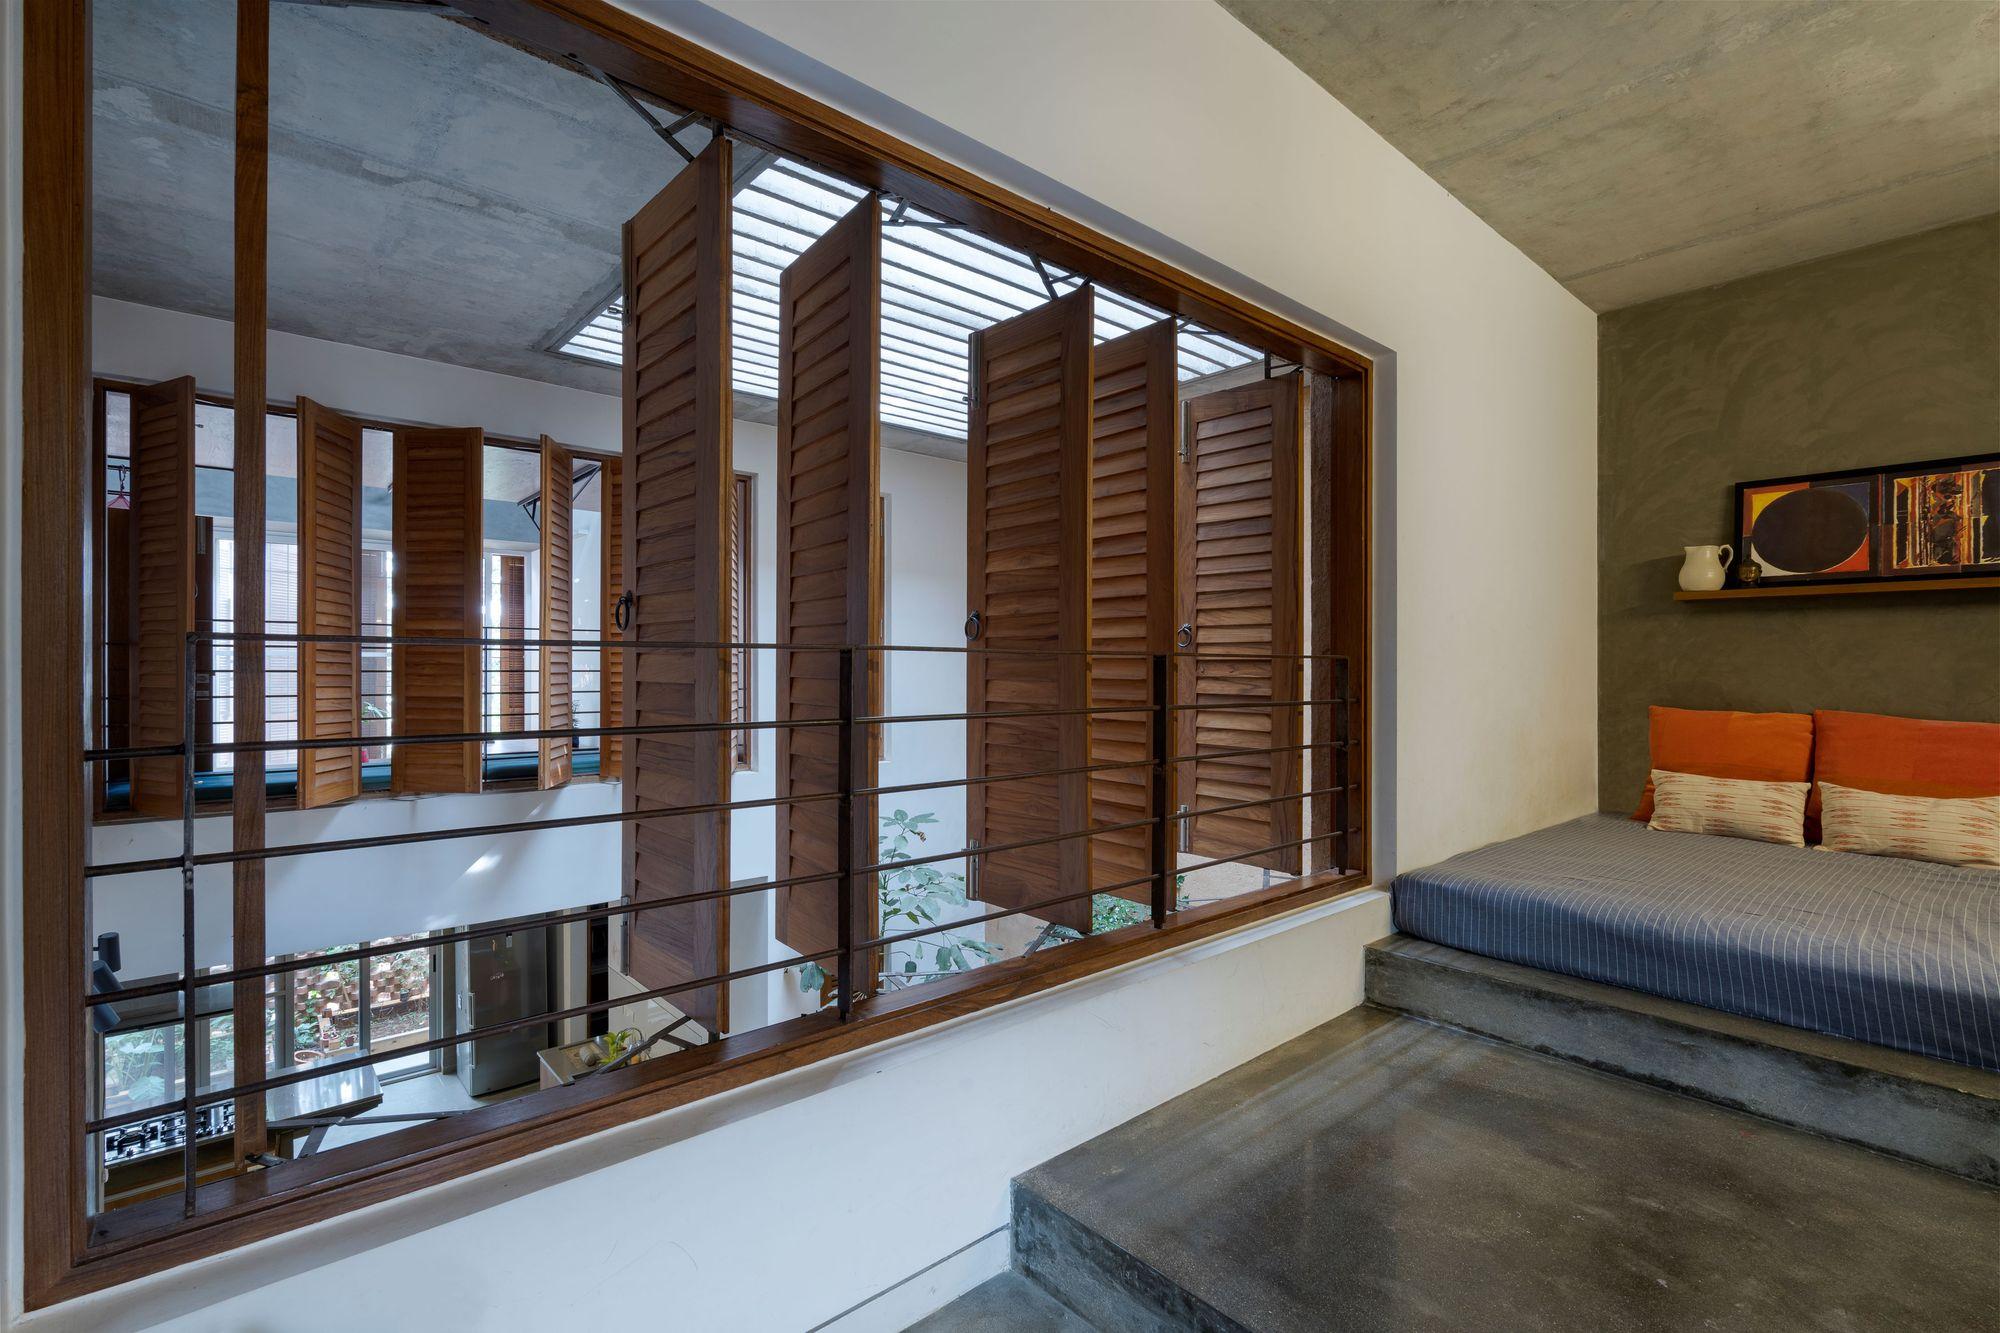 Galeria De Residencia Arranjo De Tijolos Greyscale Design Studio 4